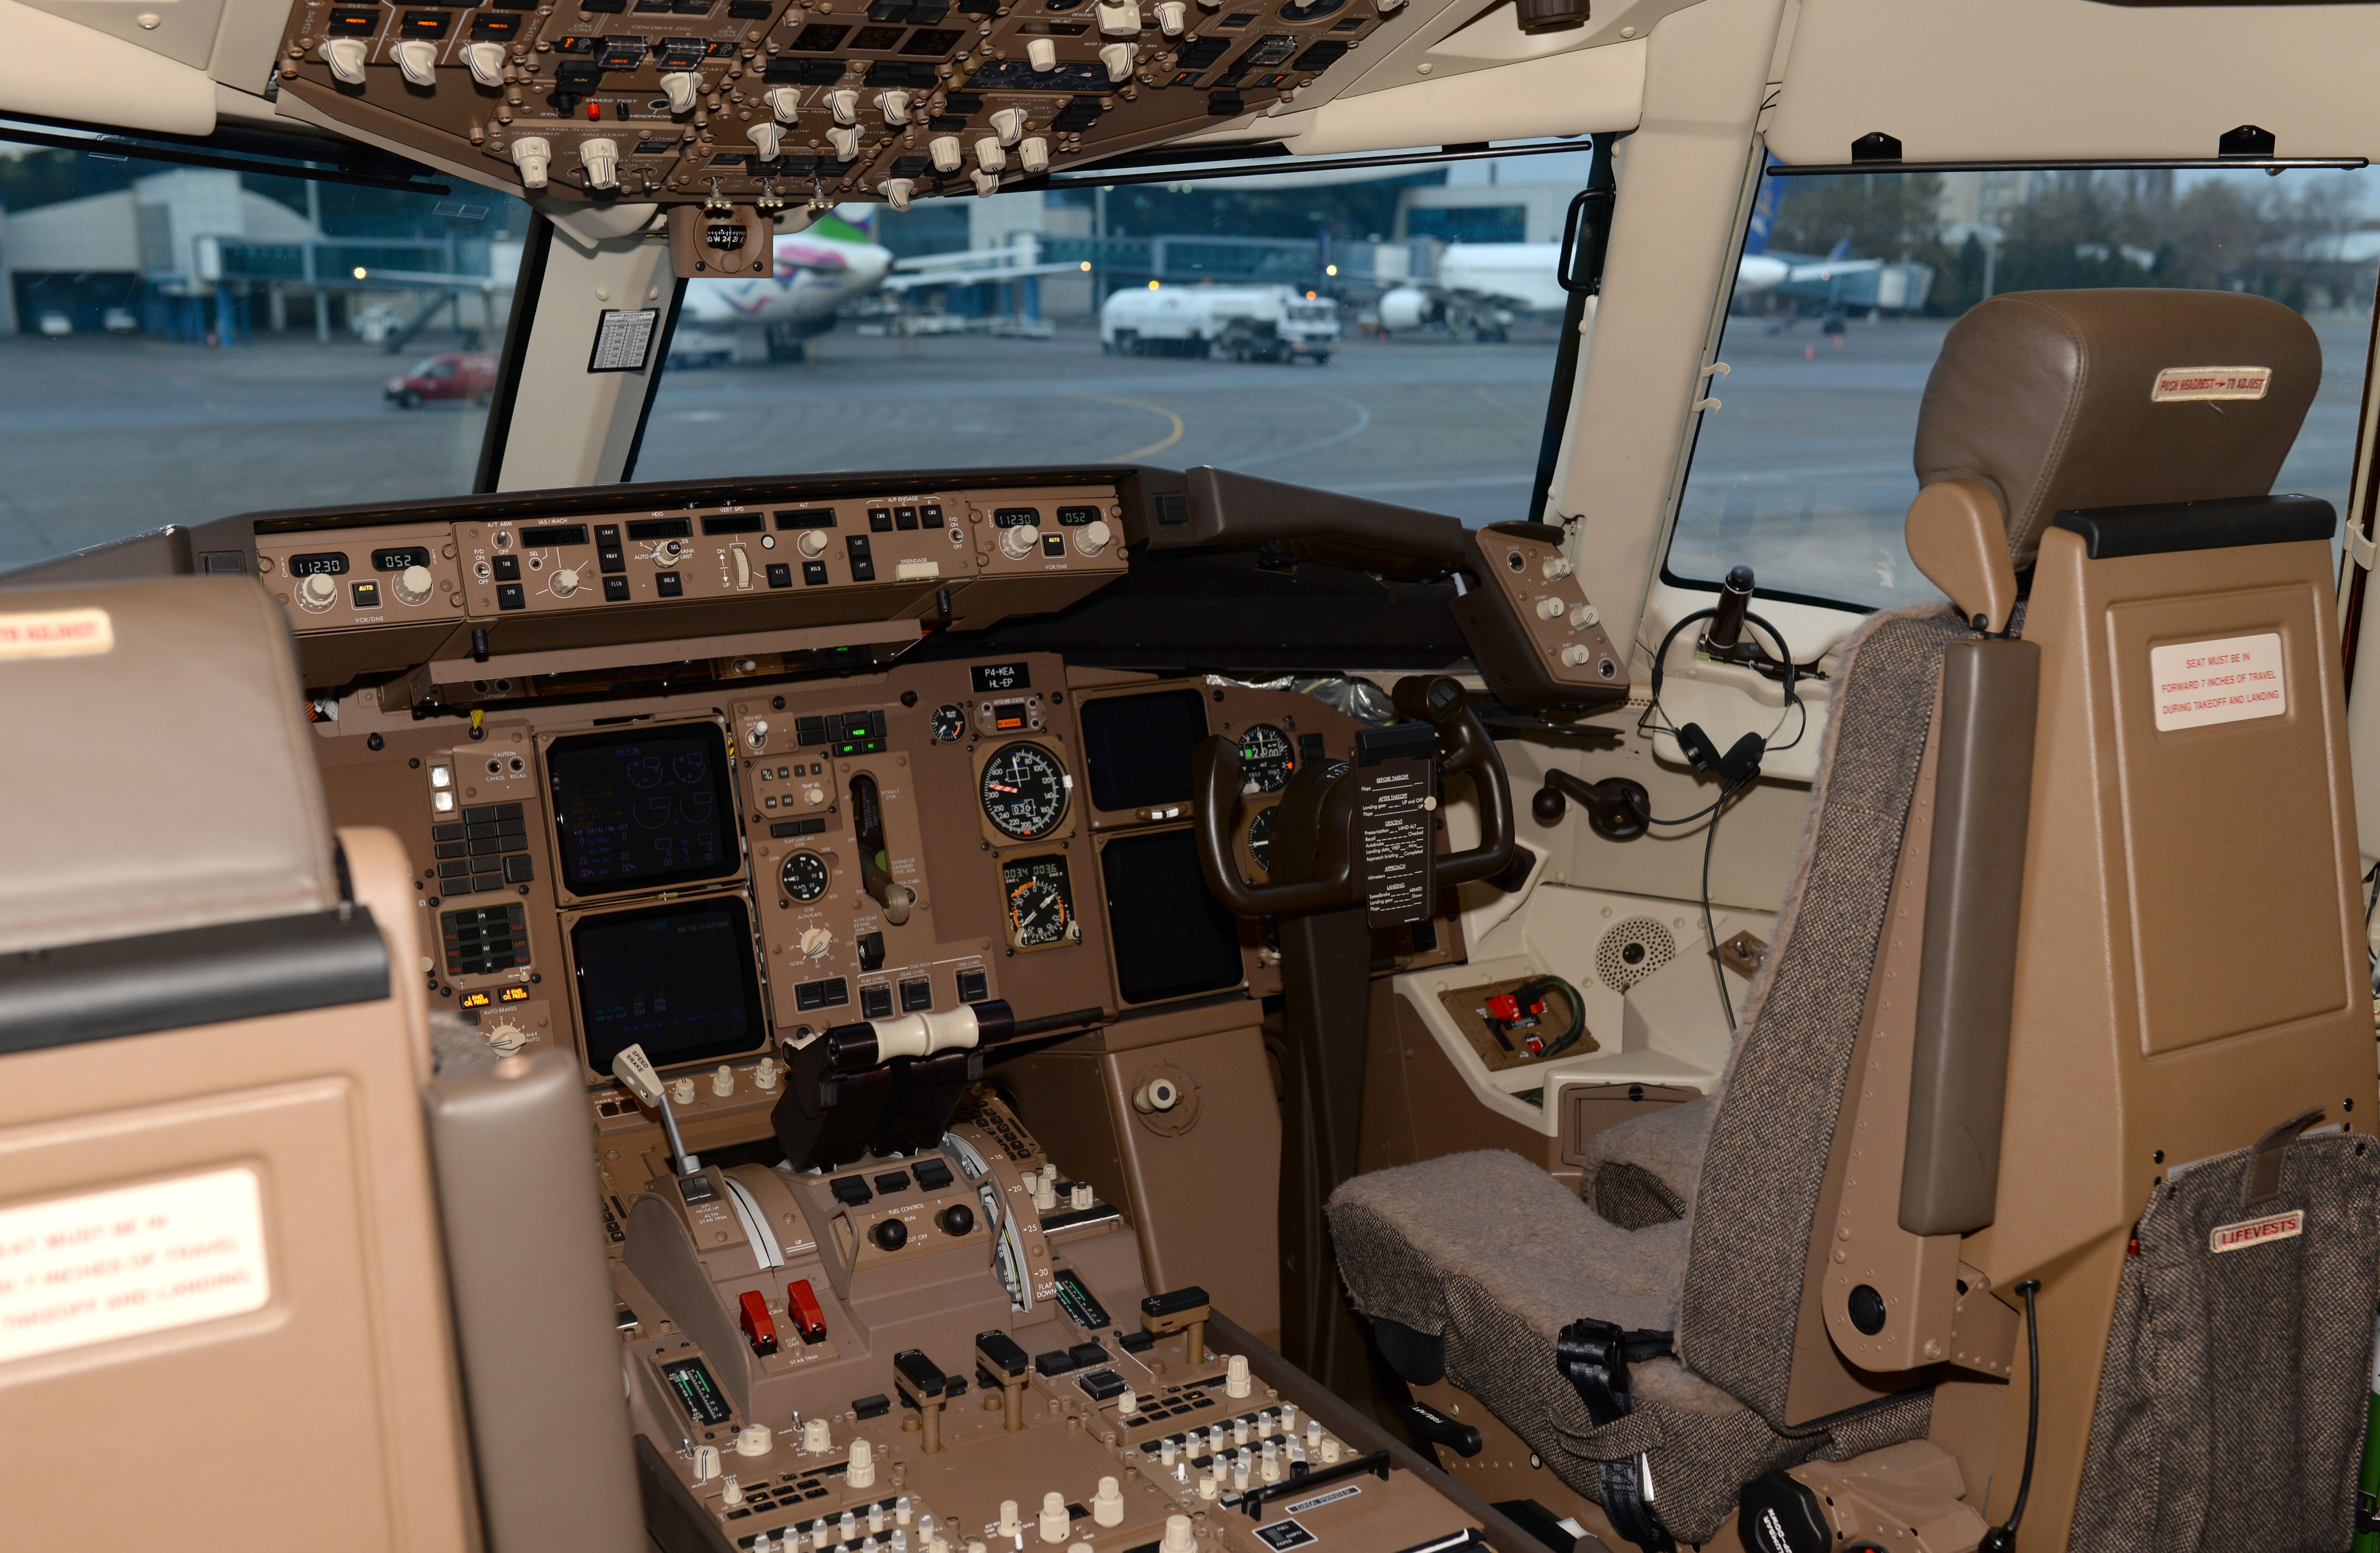 Los aviones sin piloto podrían ahorrar 35.000 millones de dólares a las aerolíneas